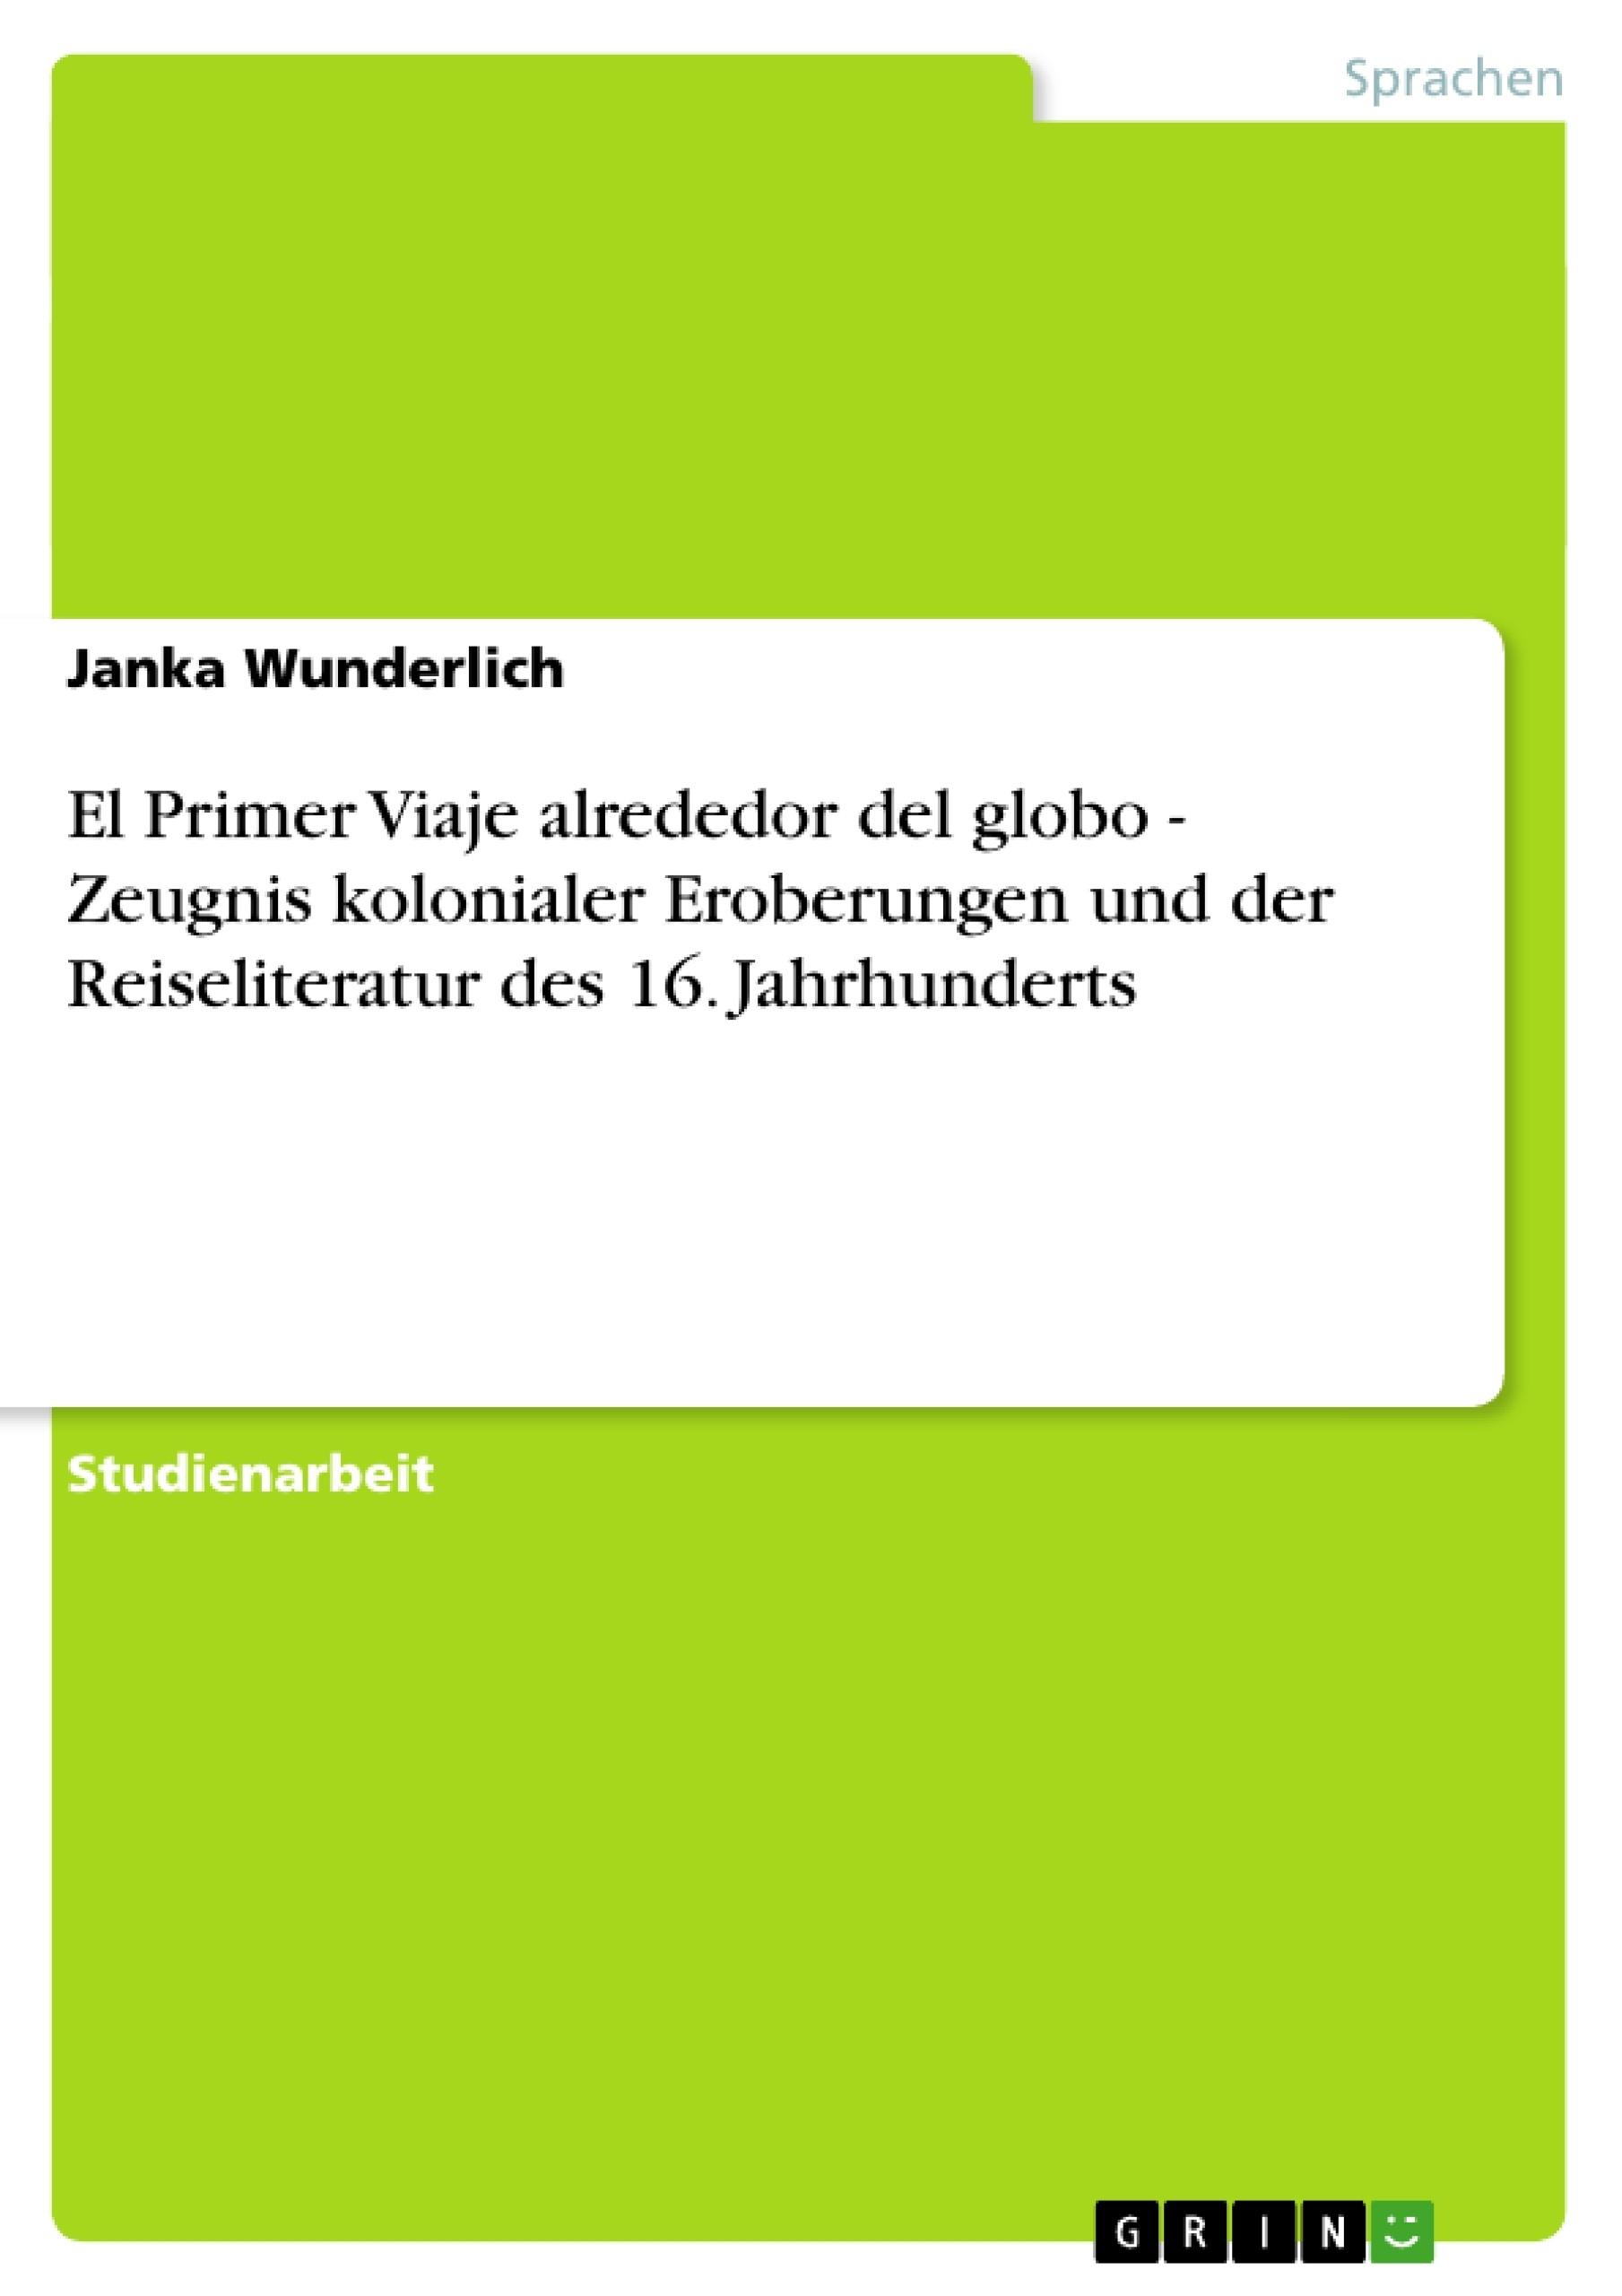 Titel: El Primer Viaje alrededor del globo - Zeugnis kolonialer Eroberungen und der Reiseliteratur des 16. Jahrhunderts